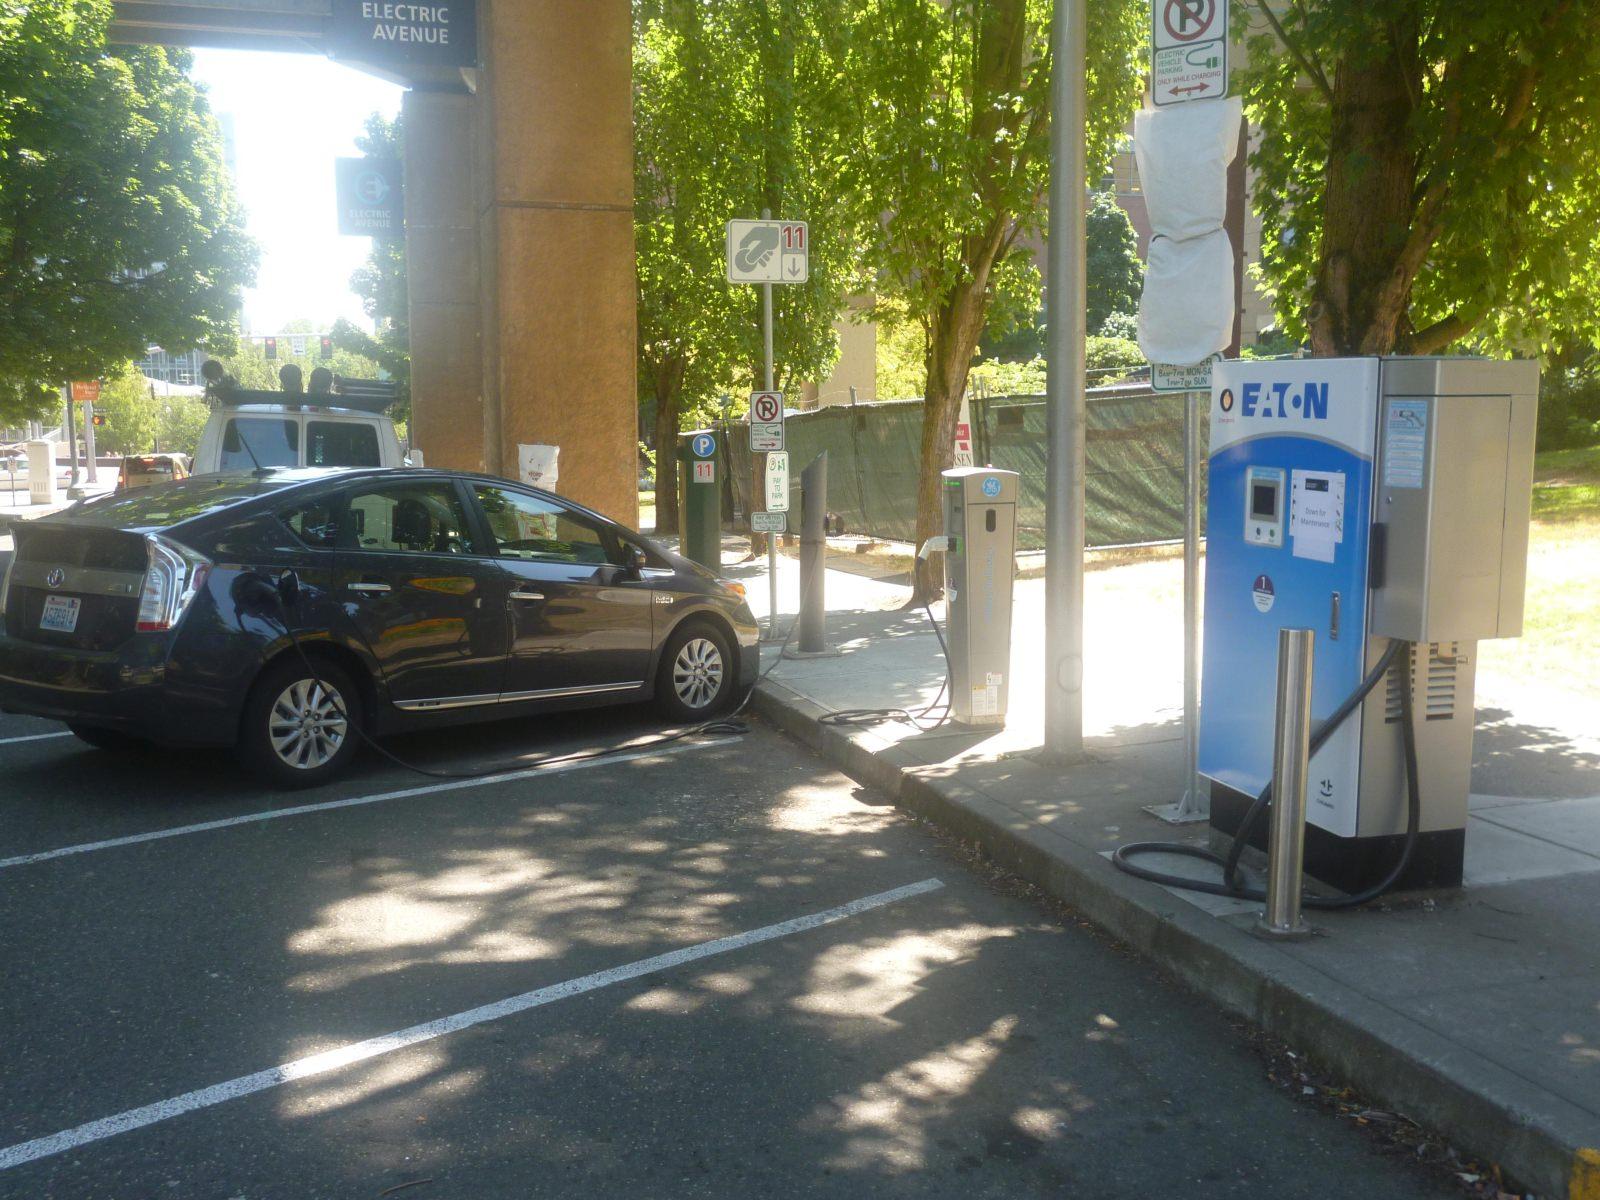 Electric Avenue Portland Universität Ladesäulen Elektrofahrzeuge